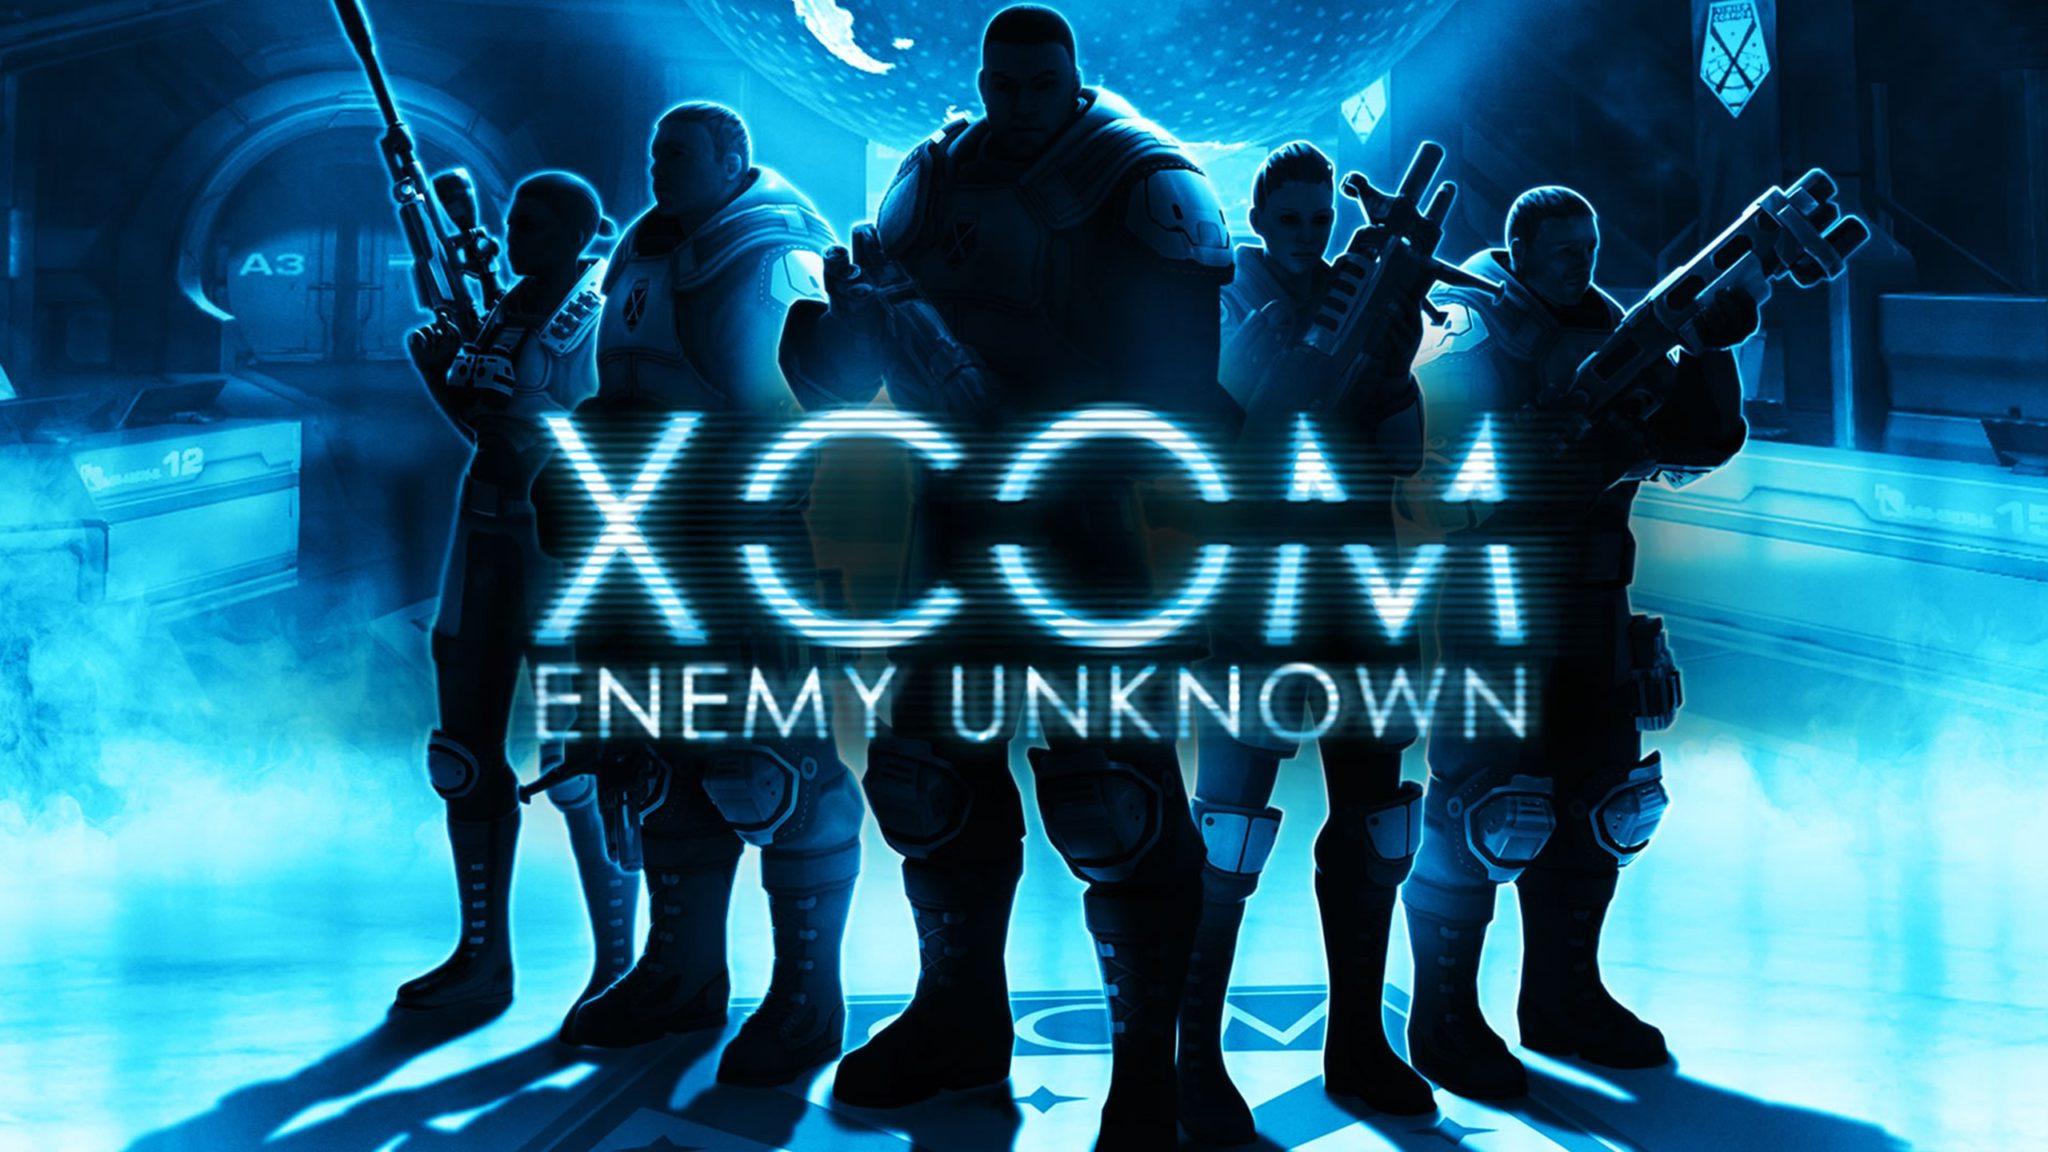 XCOM: Enemy Uknown